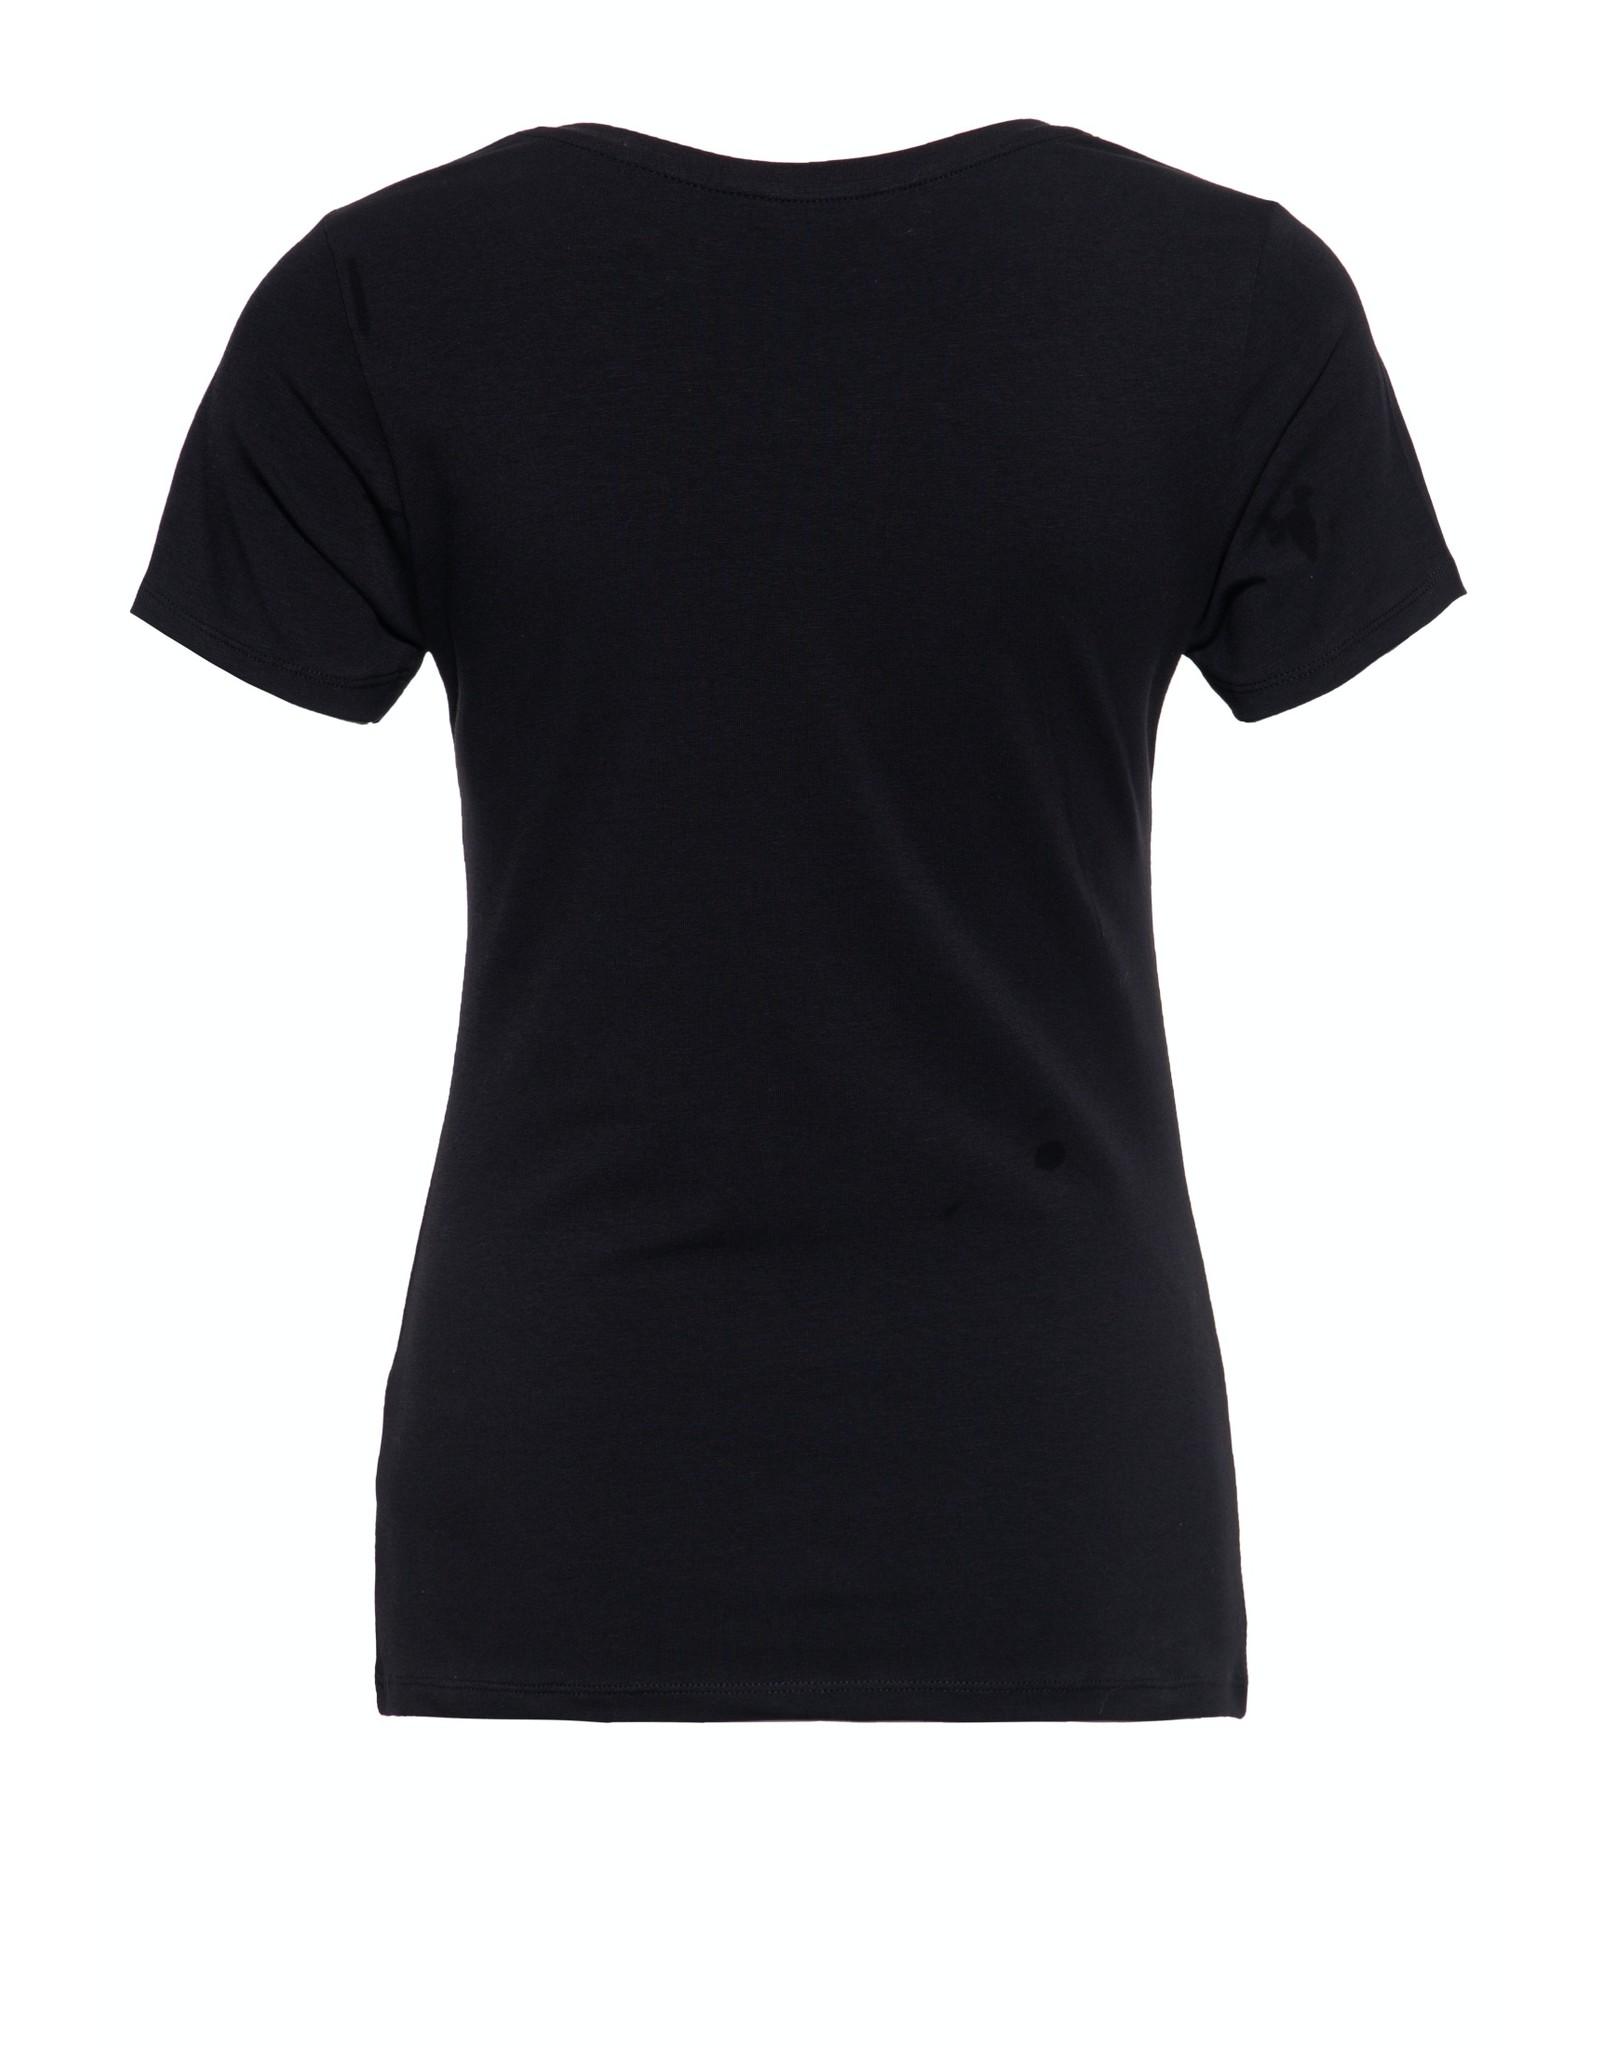 Queen Kerosin Queen Kerosin T-Shirt La Chica Bonita in Black